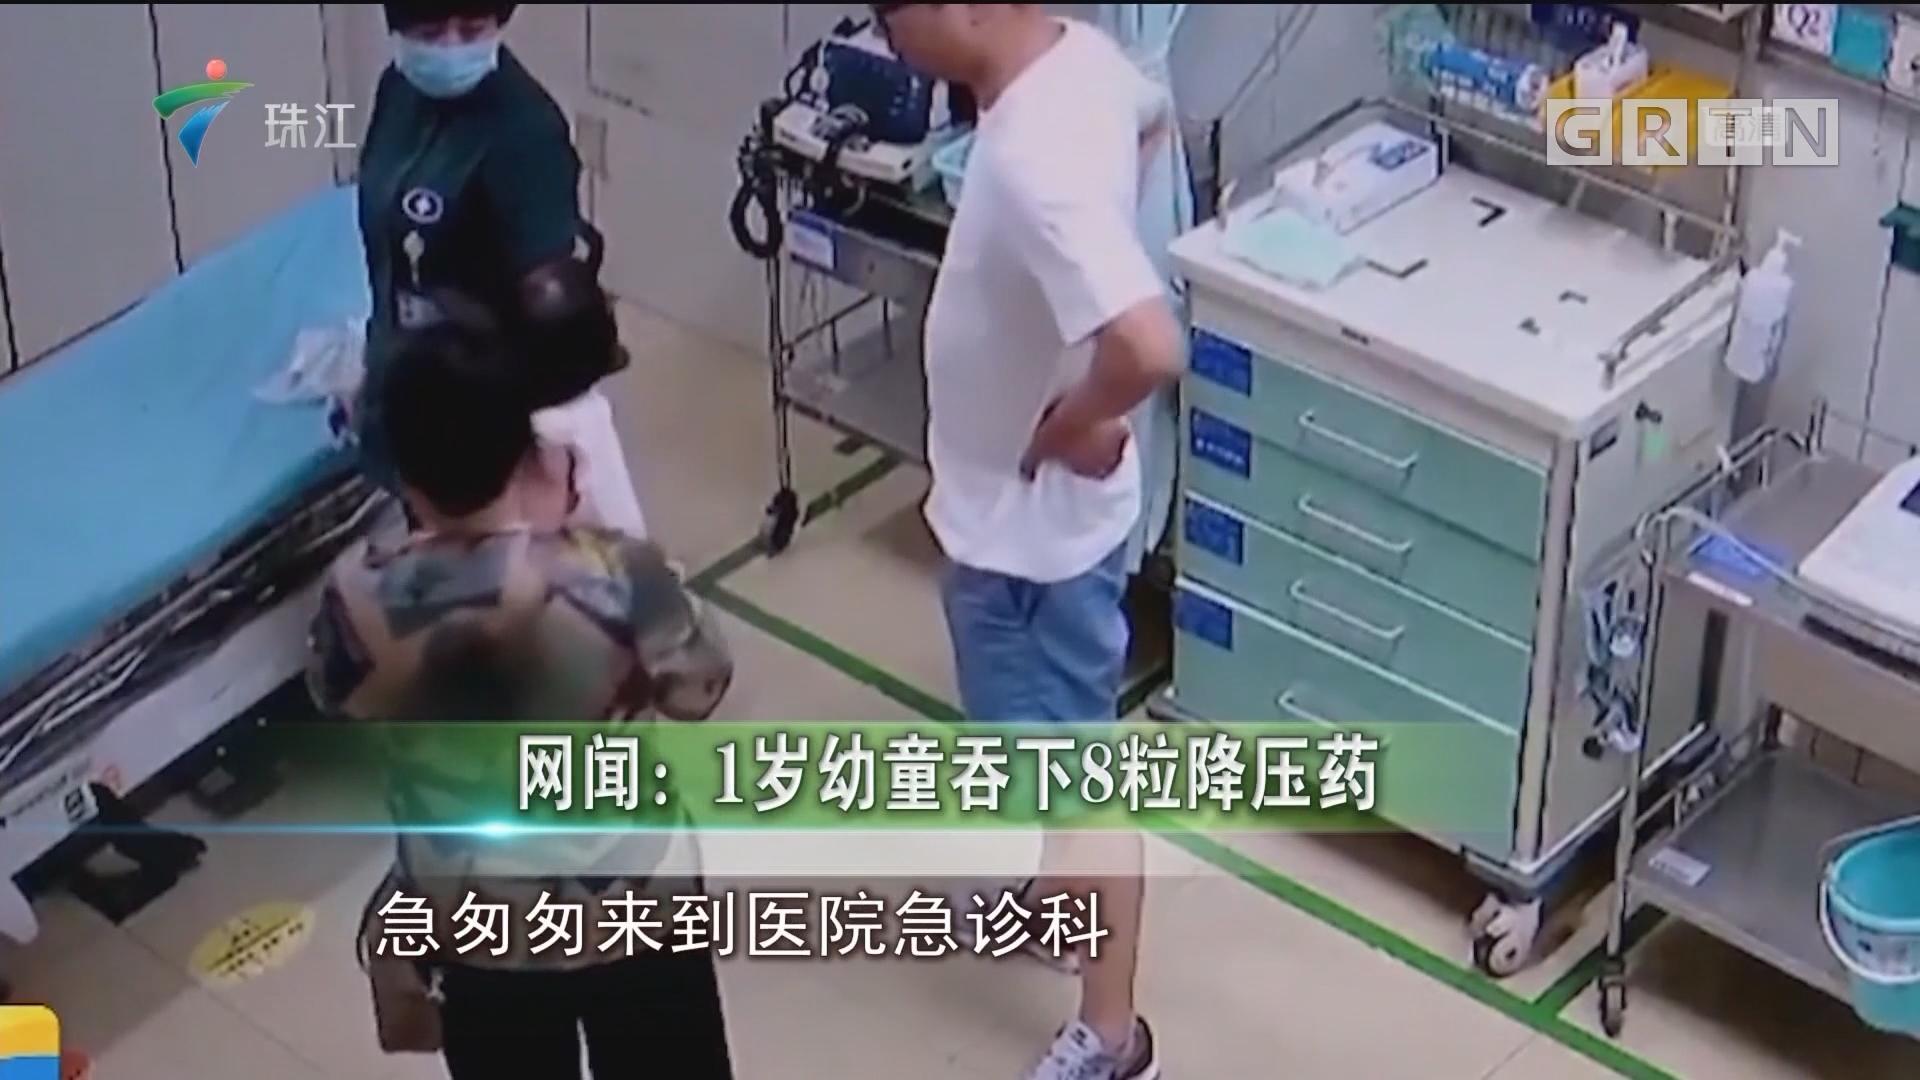 网闻:1岁幼童吞下8粒降压药